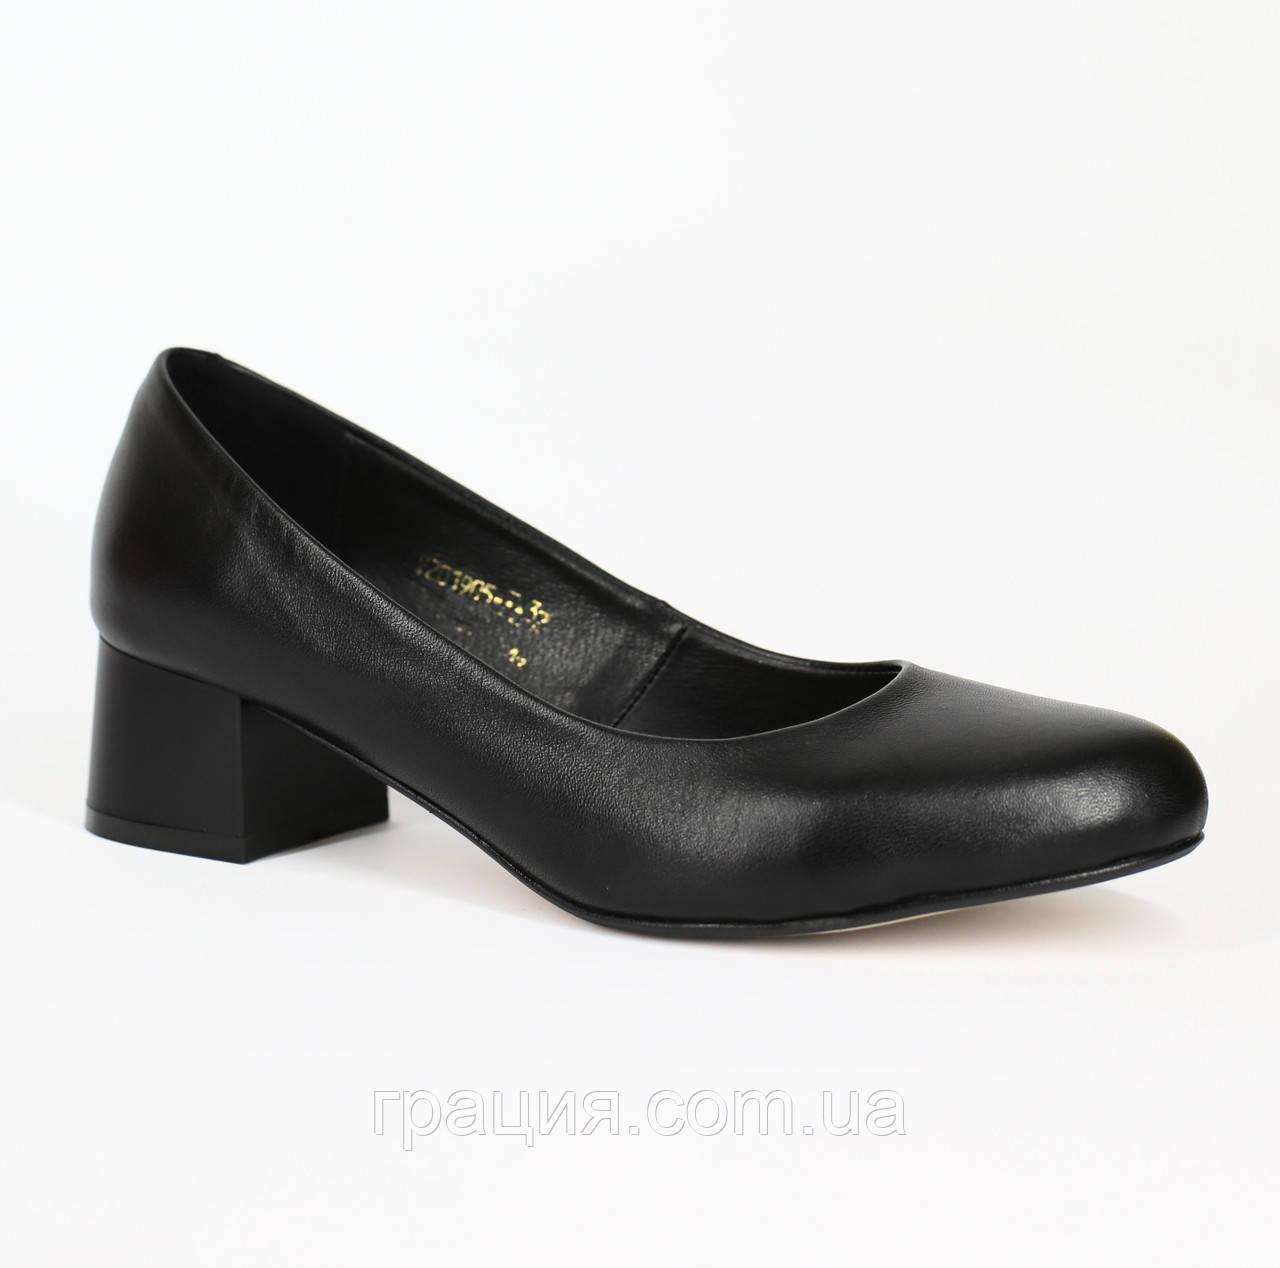 Елегантні жіночі туфлі шкіряні натуральні на більшому підборах